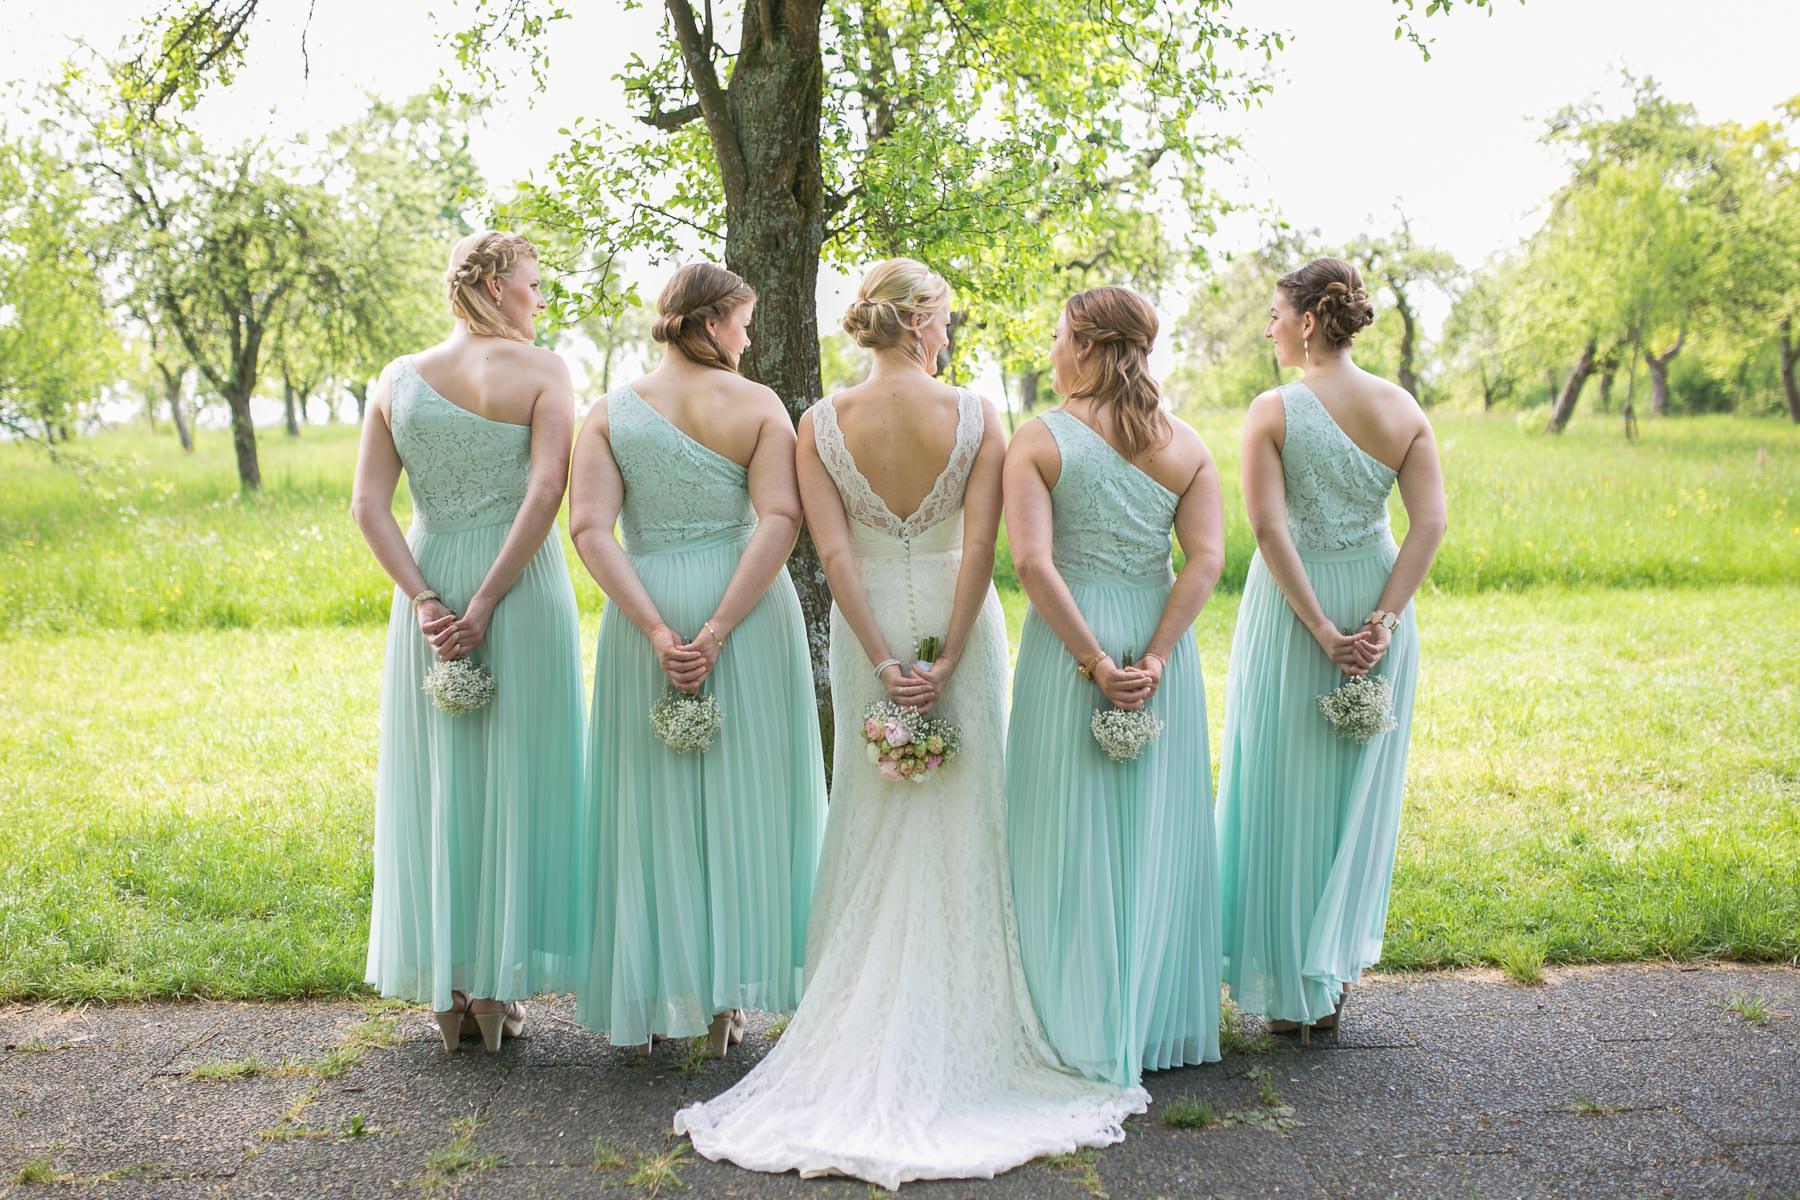 Aufgaben Der Brautjungfern Bridesmaids Der Braut Auf Der Hochzeit